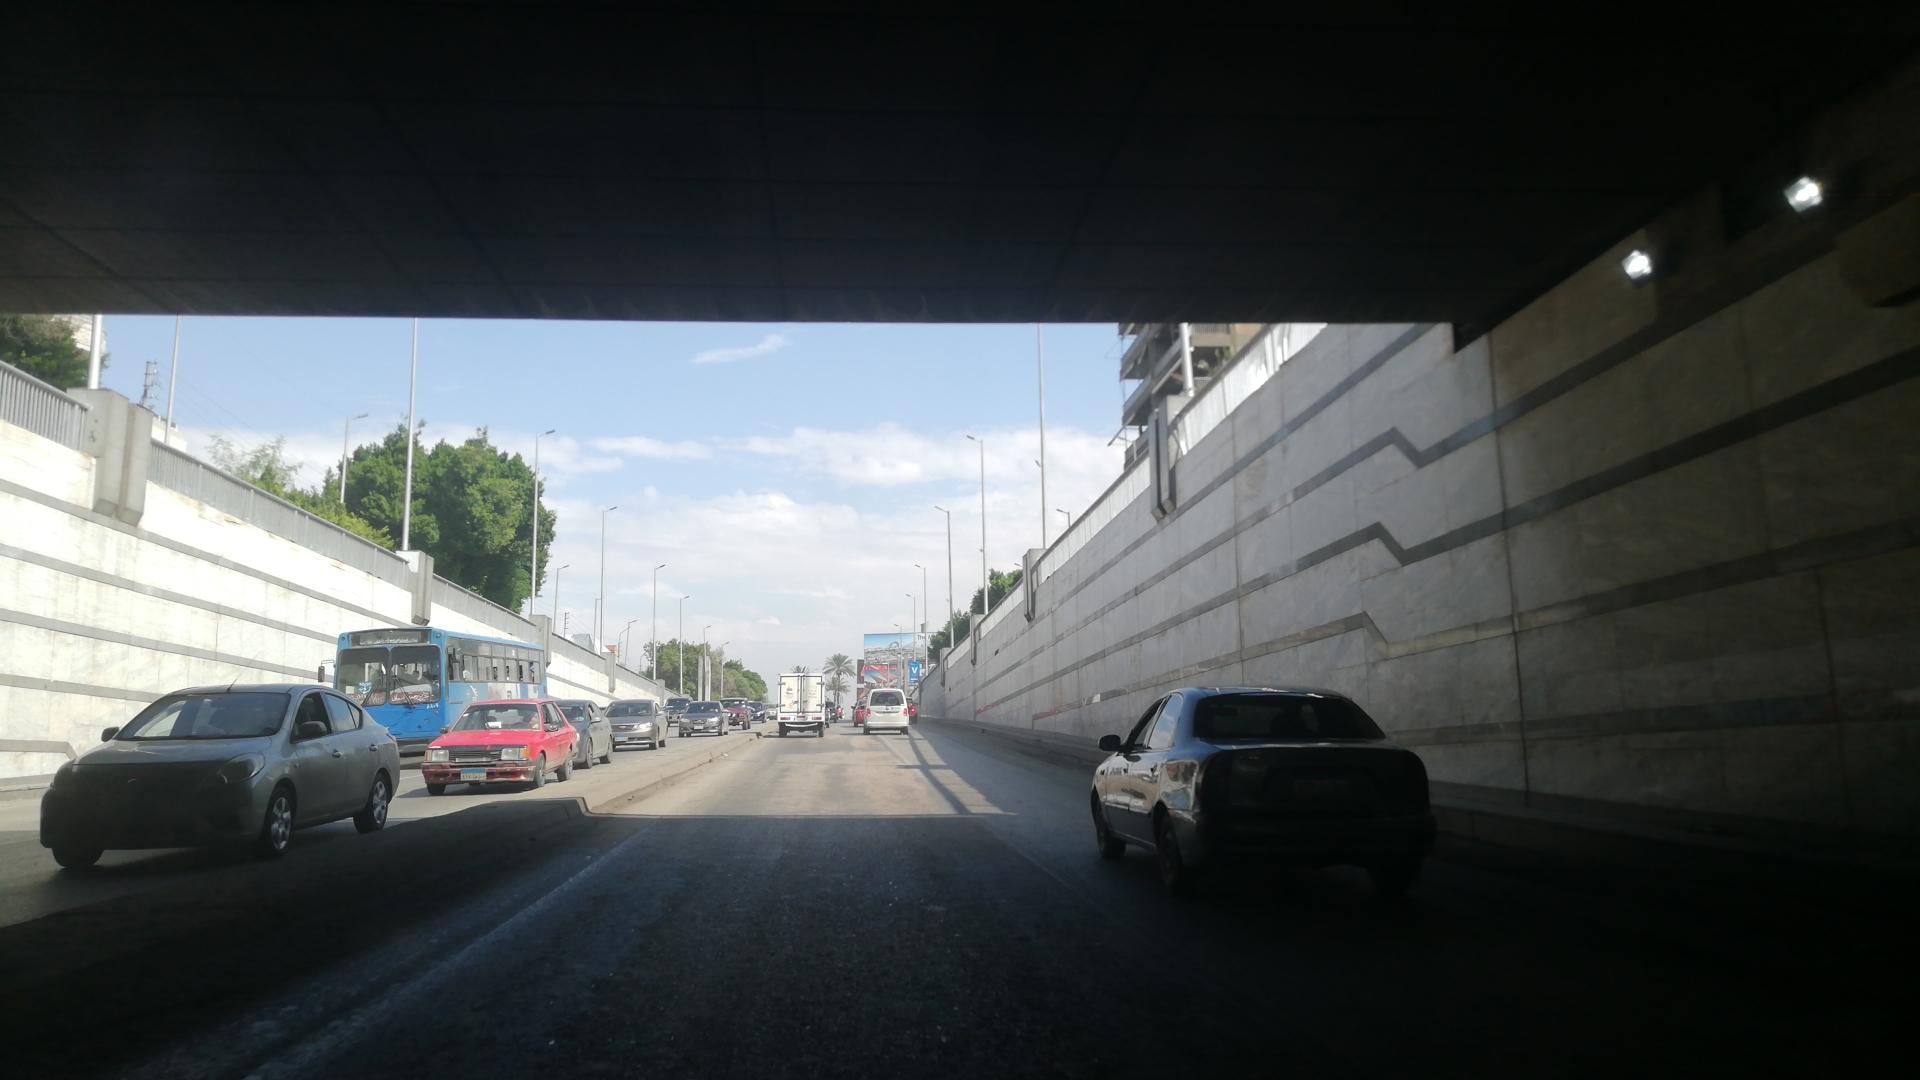 فتح نفق العروبة بمصر الجديدة بعد شفط المياه (4)